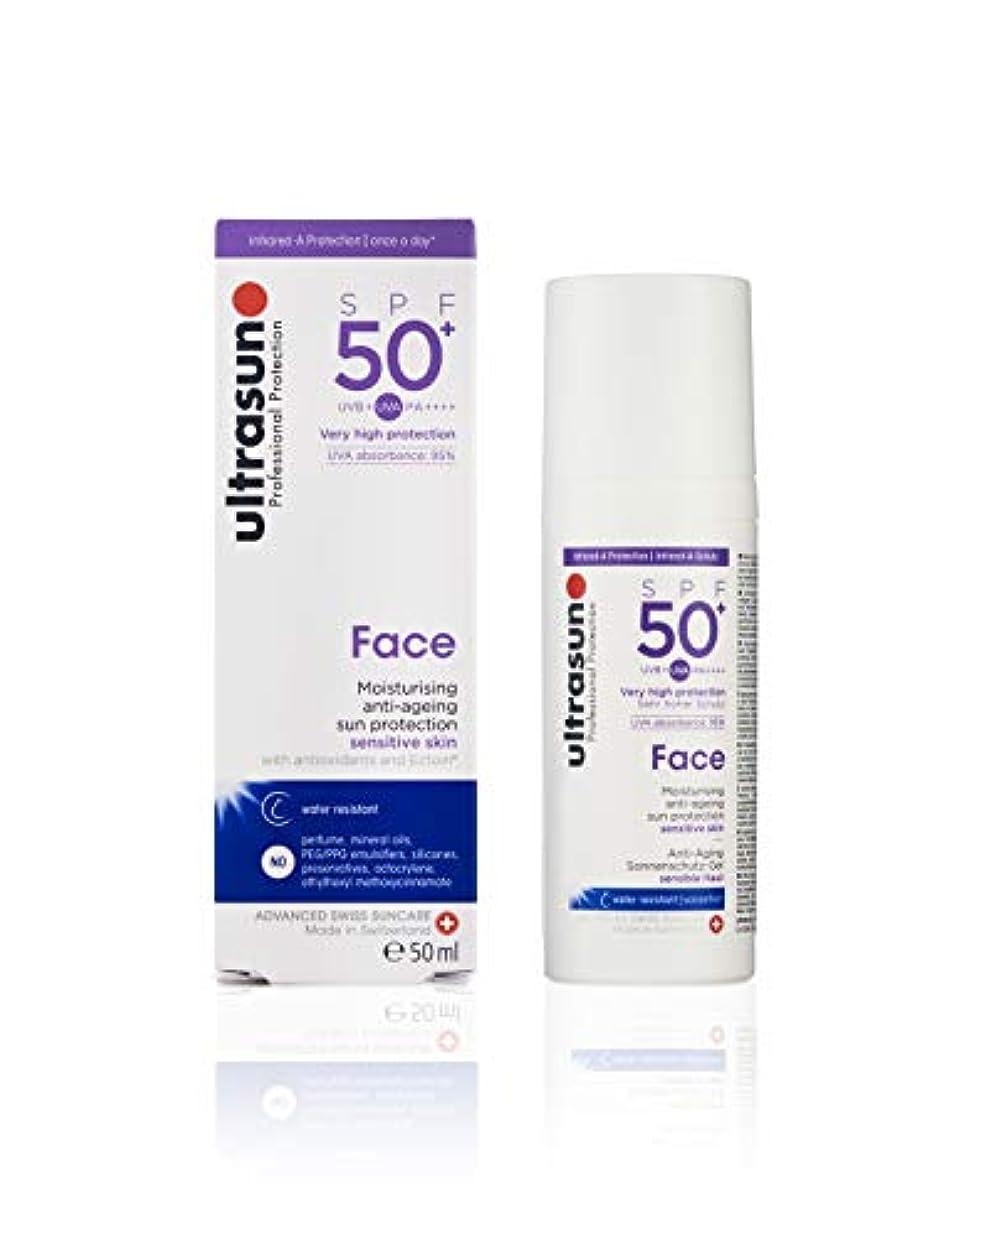 パイプあらゆる種類の仕事に行くアルトラサン 日やけ止めクリーム フェイス UV 敏感肌用 SPF50+ PA++++ トリプルプロテクション 50mL